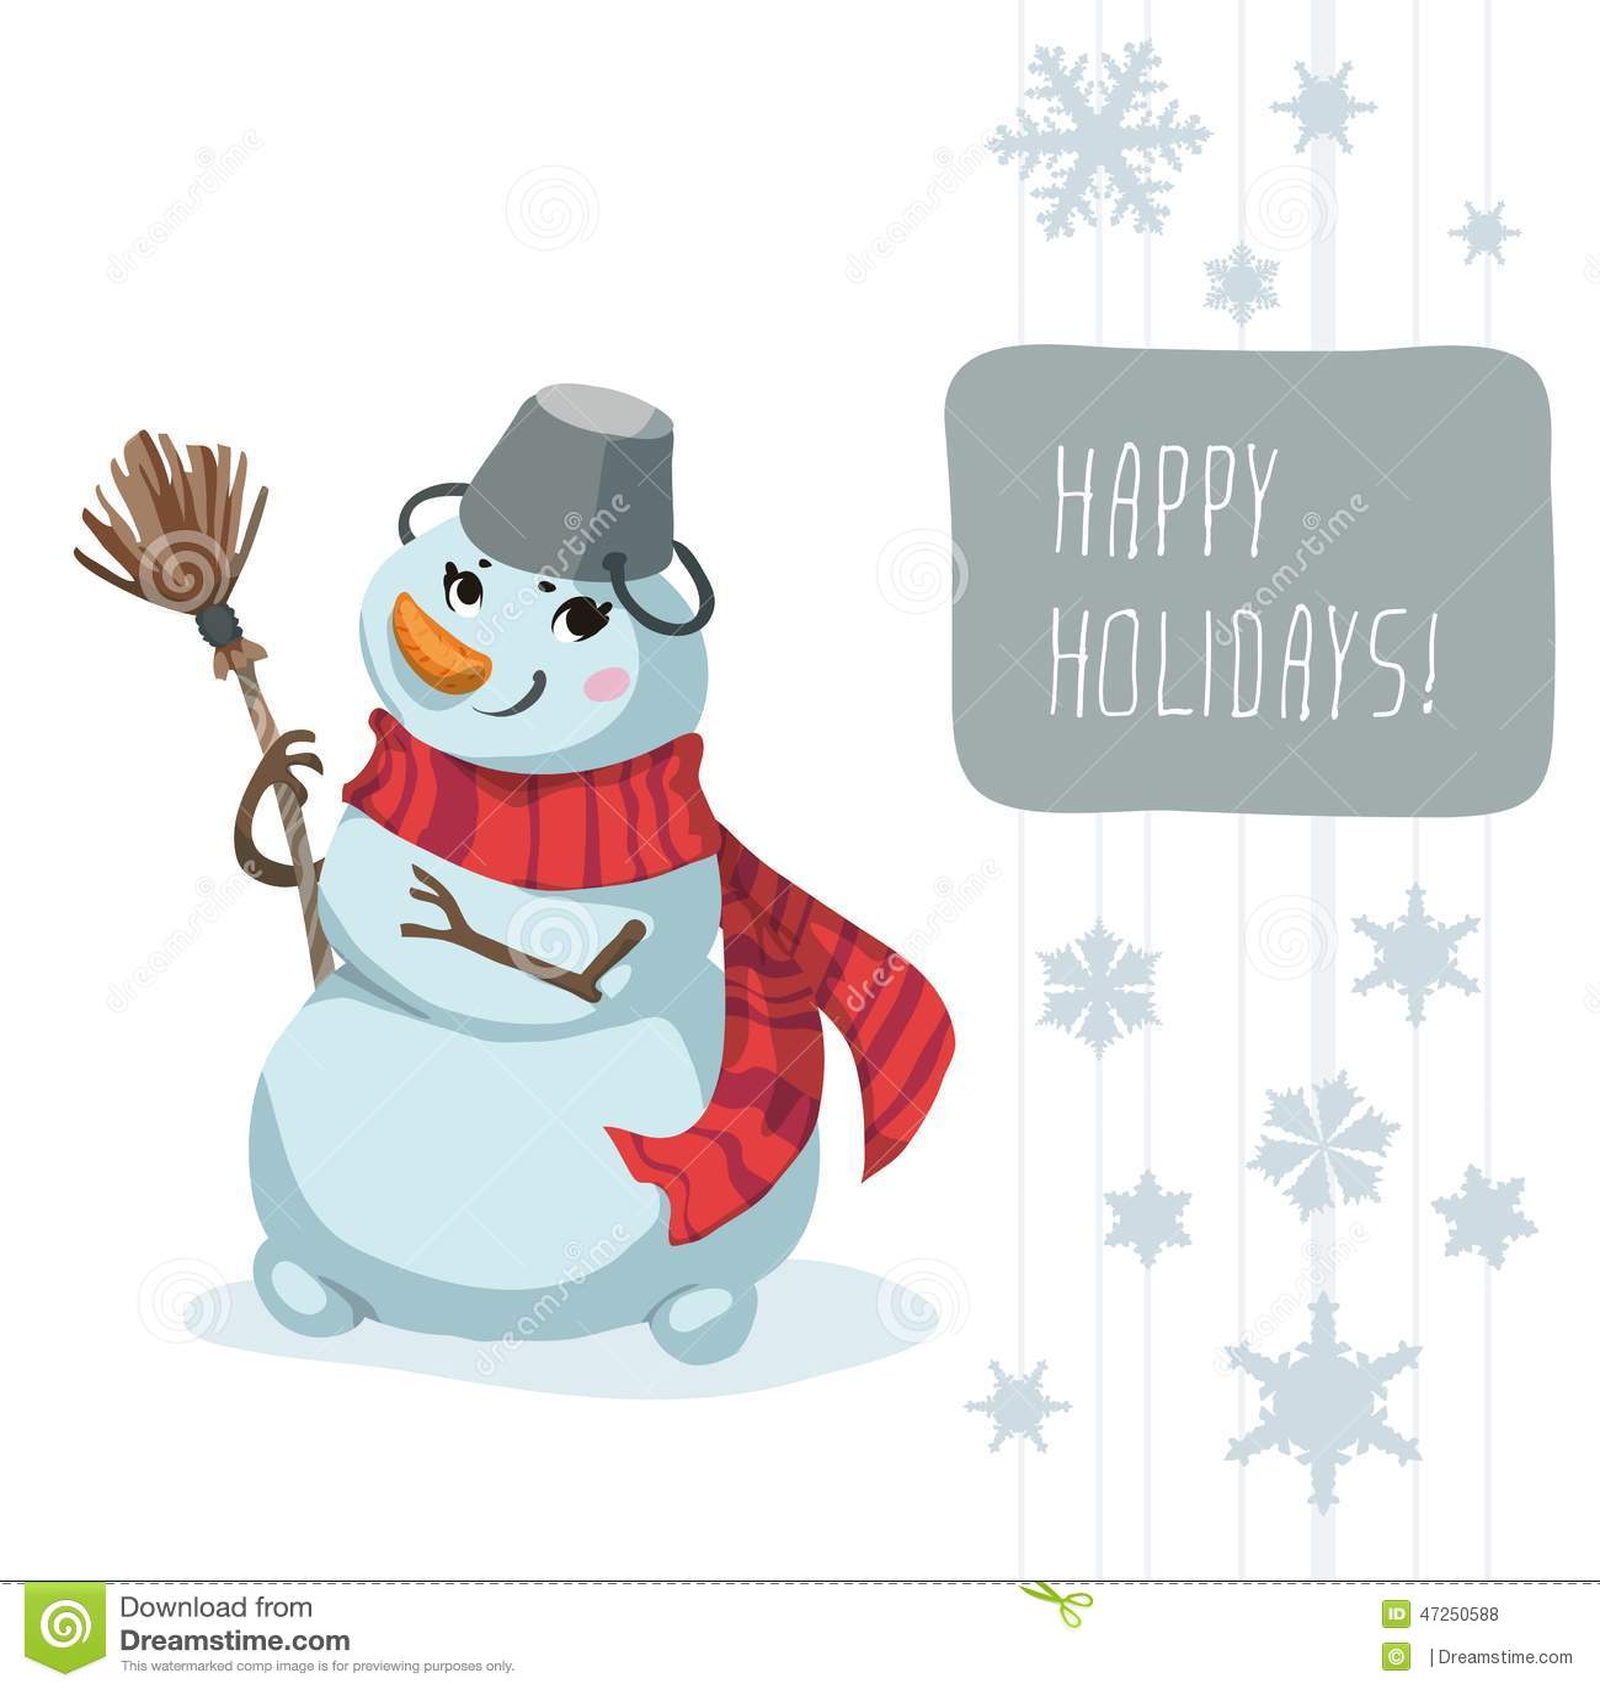 Картинка смешная снеговиков одень ведро, сделать